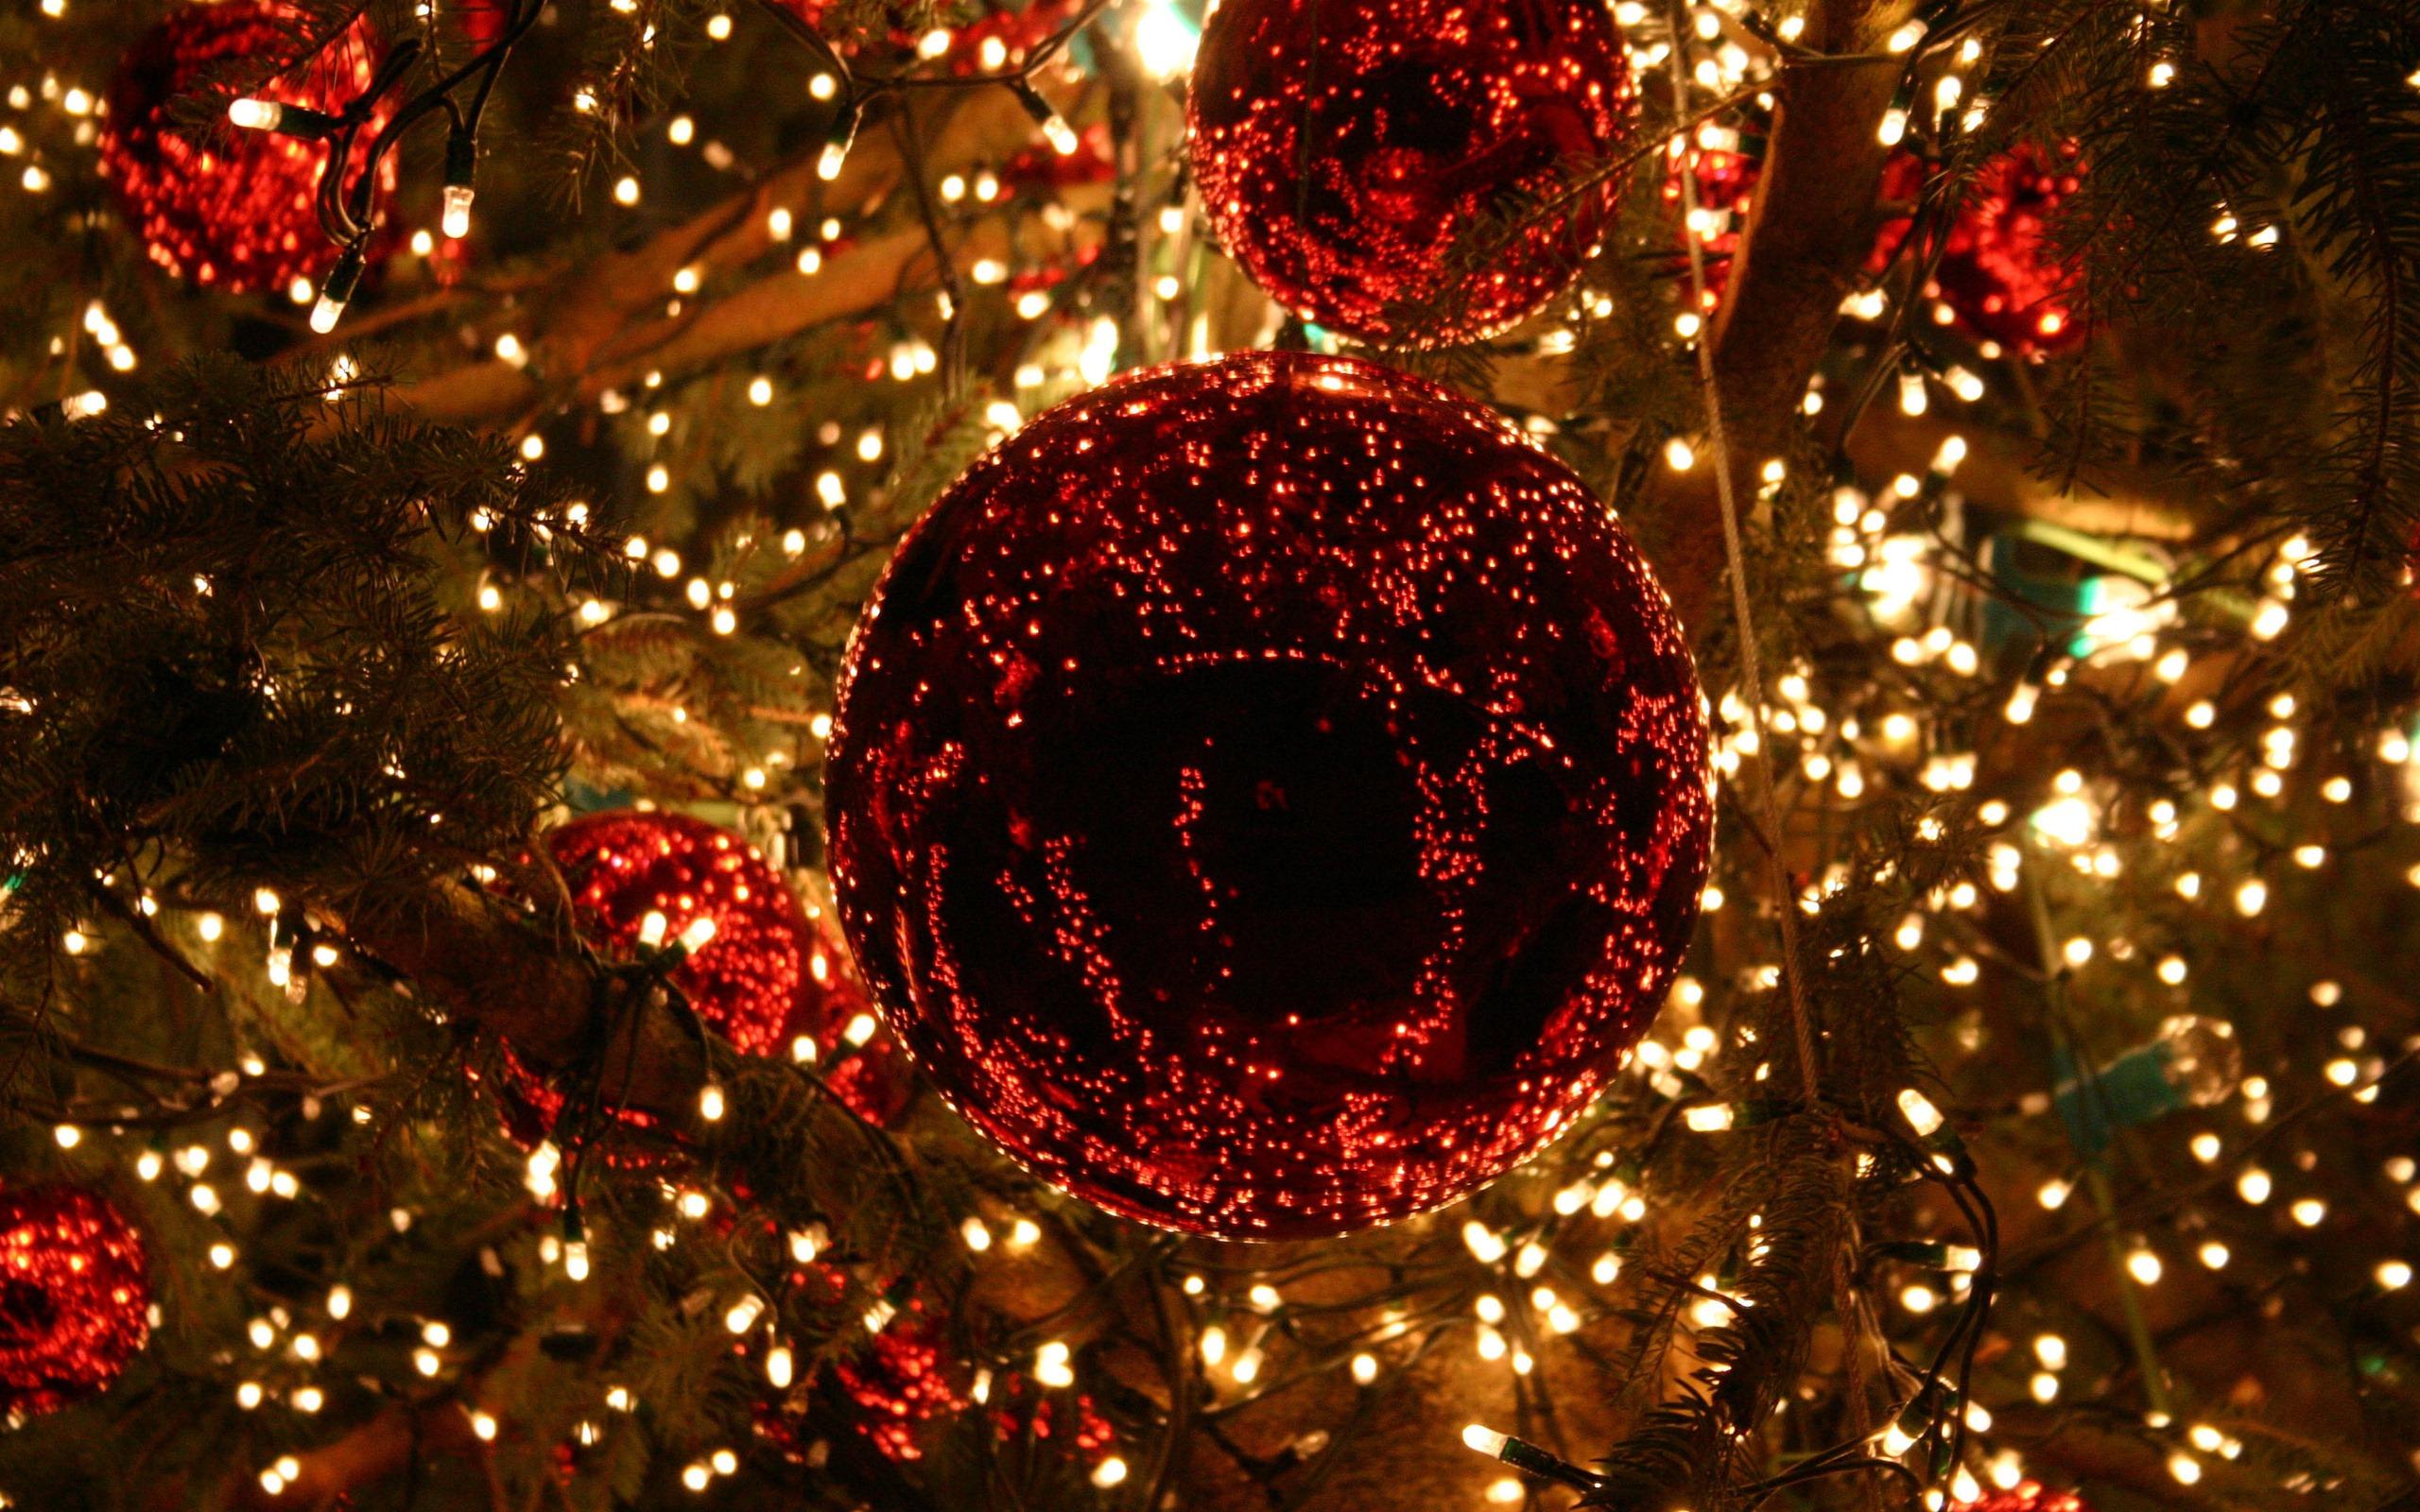 Christmas Lights Wallpaper for Computer - WallpaperSafari